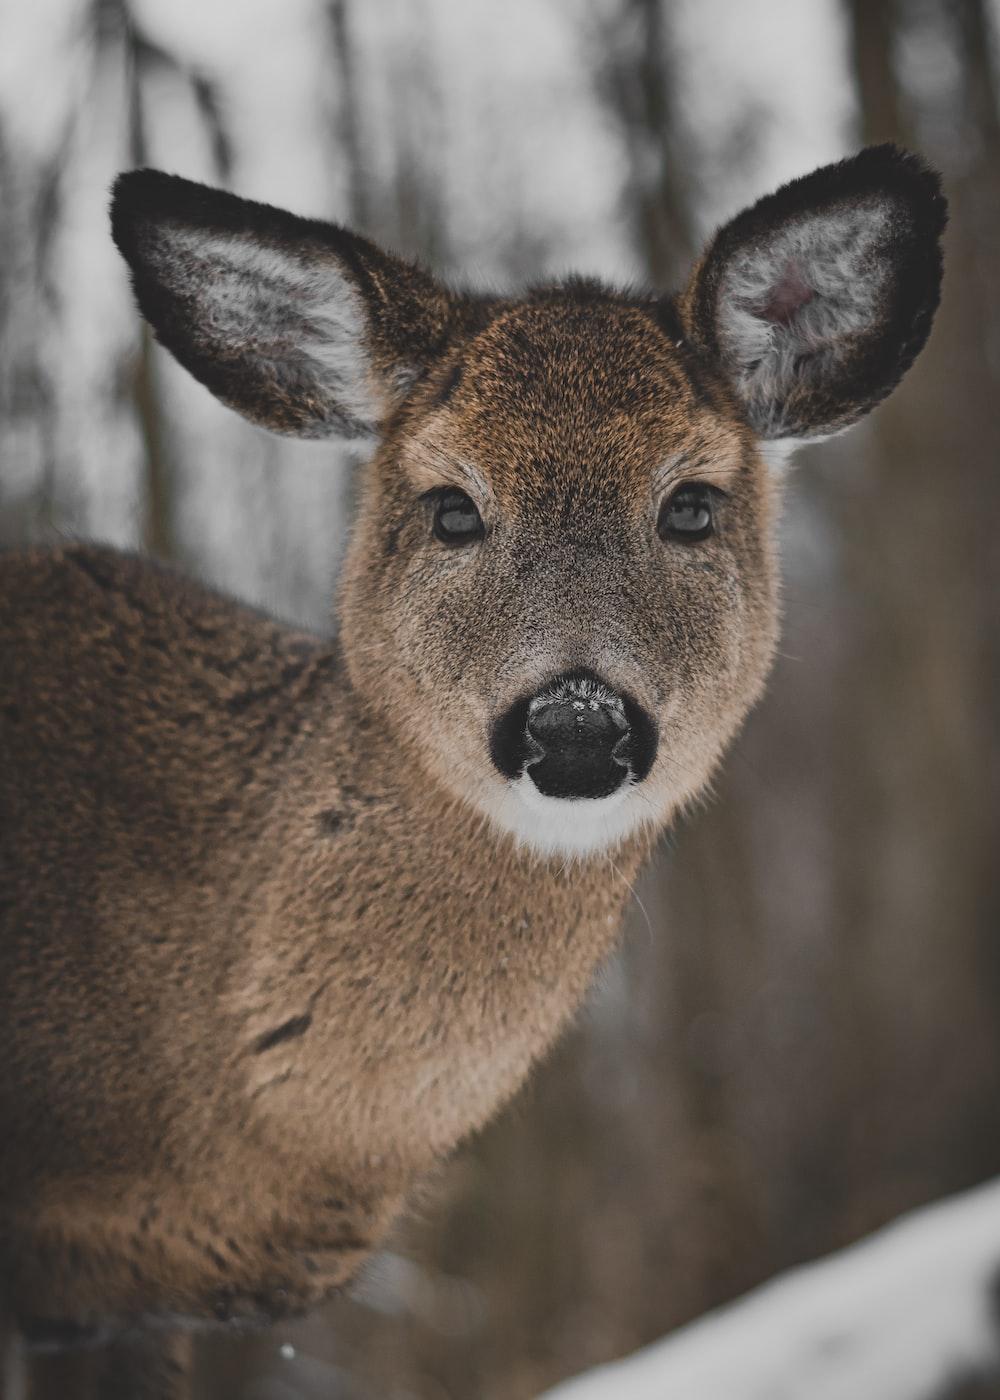 brown and black deer